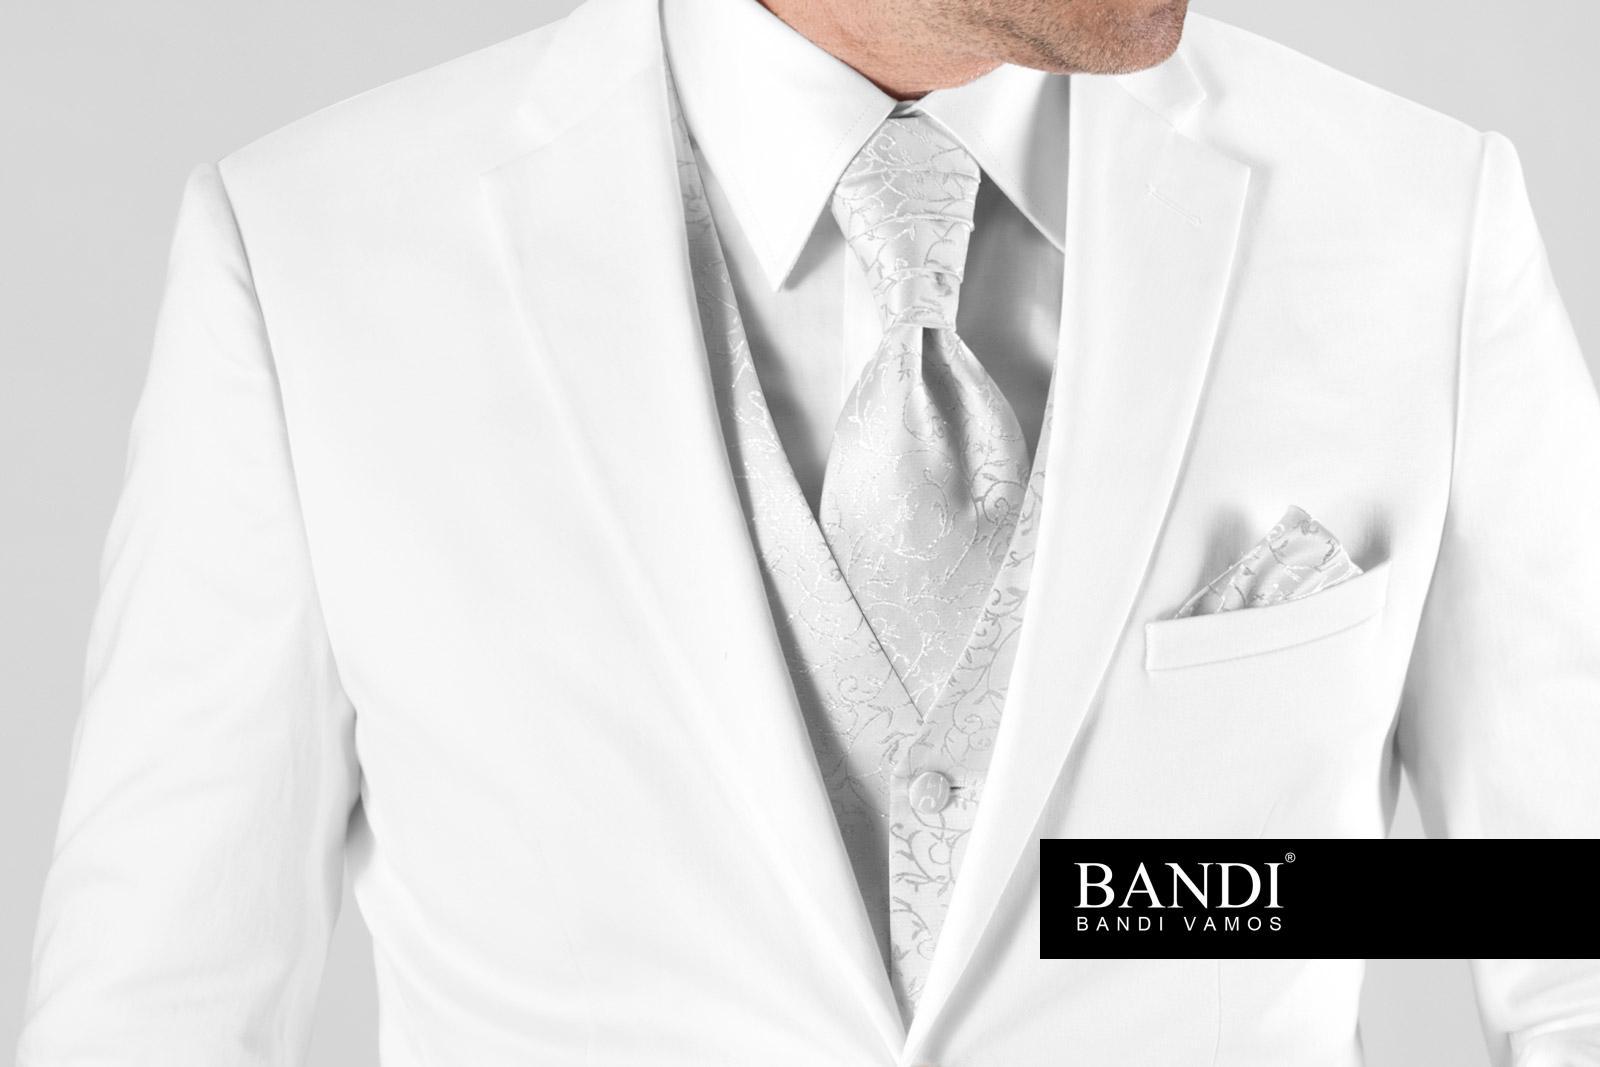 Bílý oblek pro ženicha na svatbu?